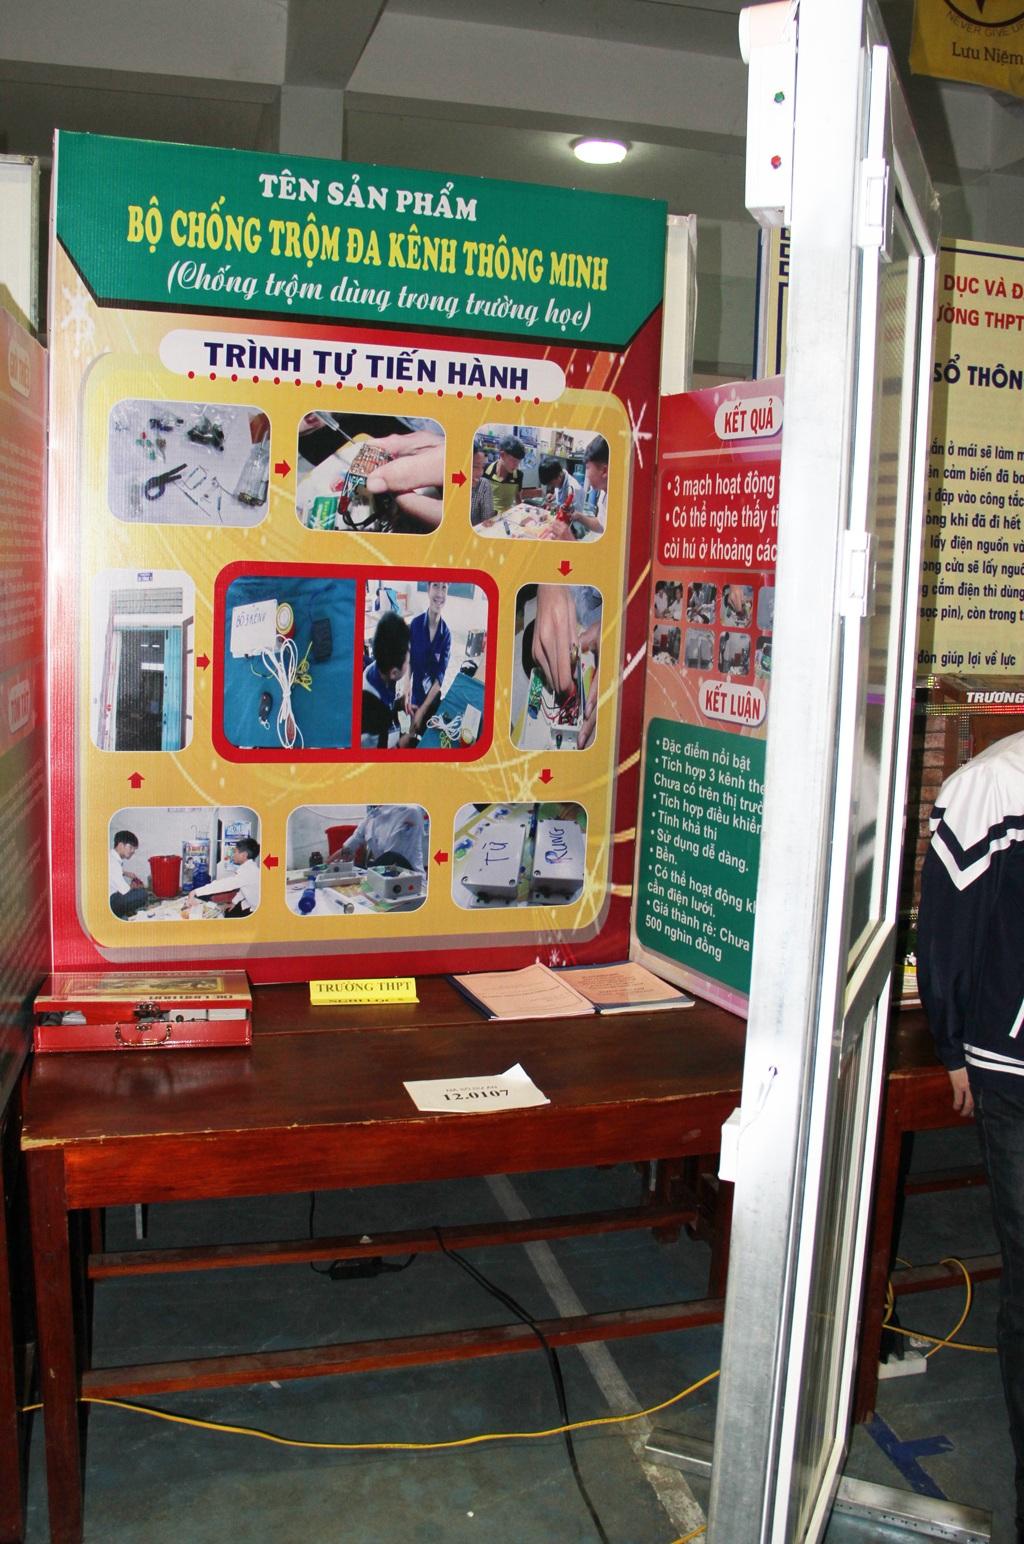 Sản phẩm chống trộm đa kênh thông minh dùng trong trường học của trường THPT Nghi Lộc 5 thiết kế.